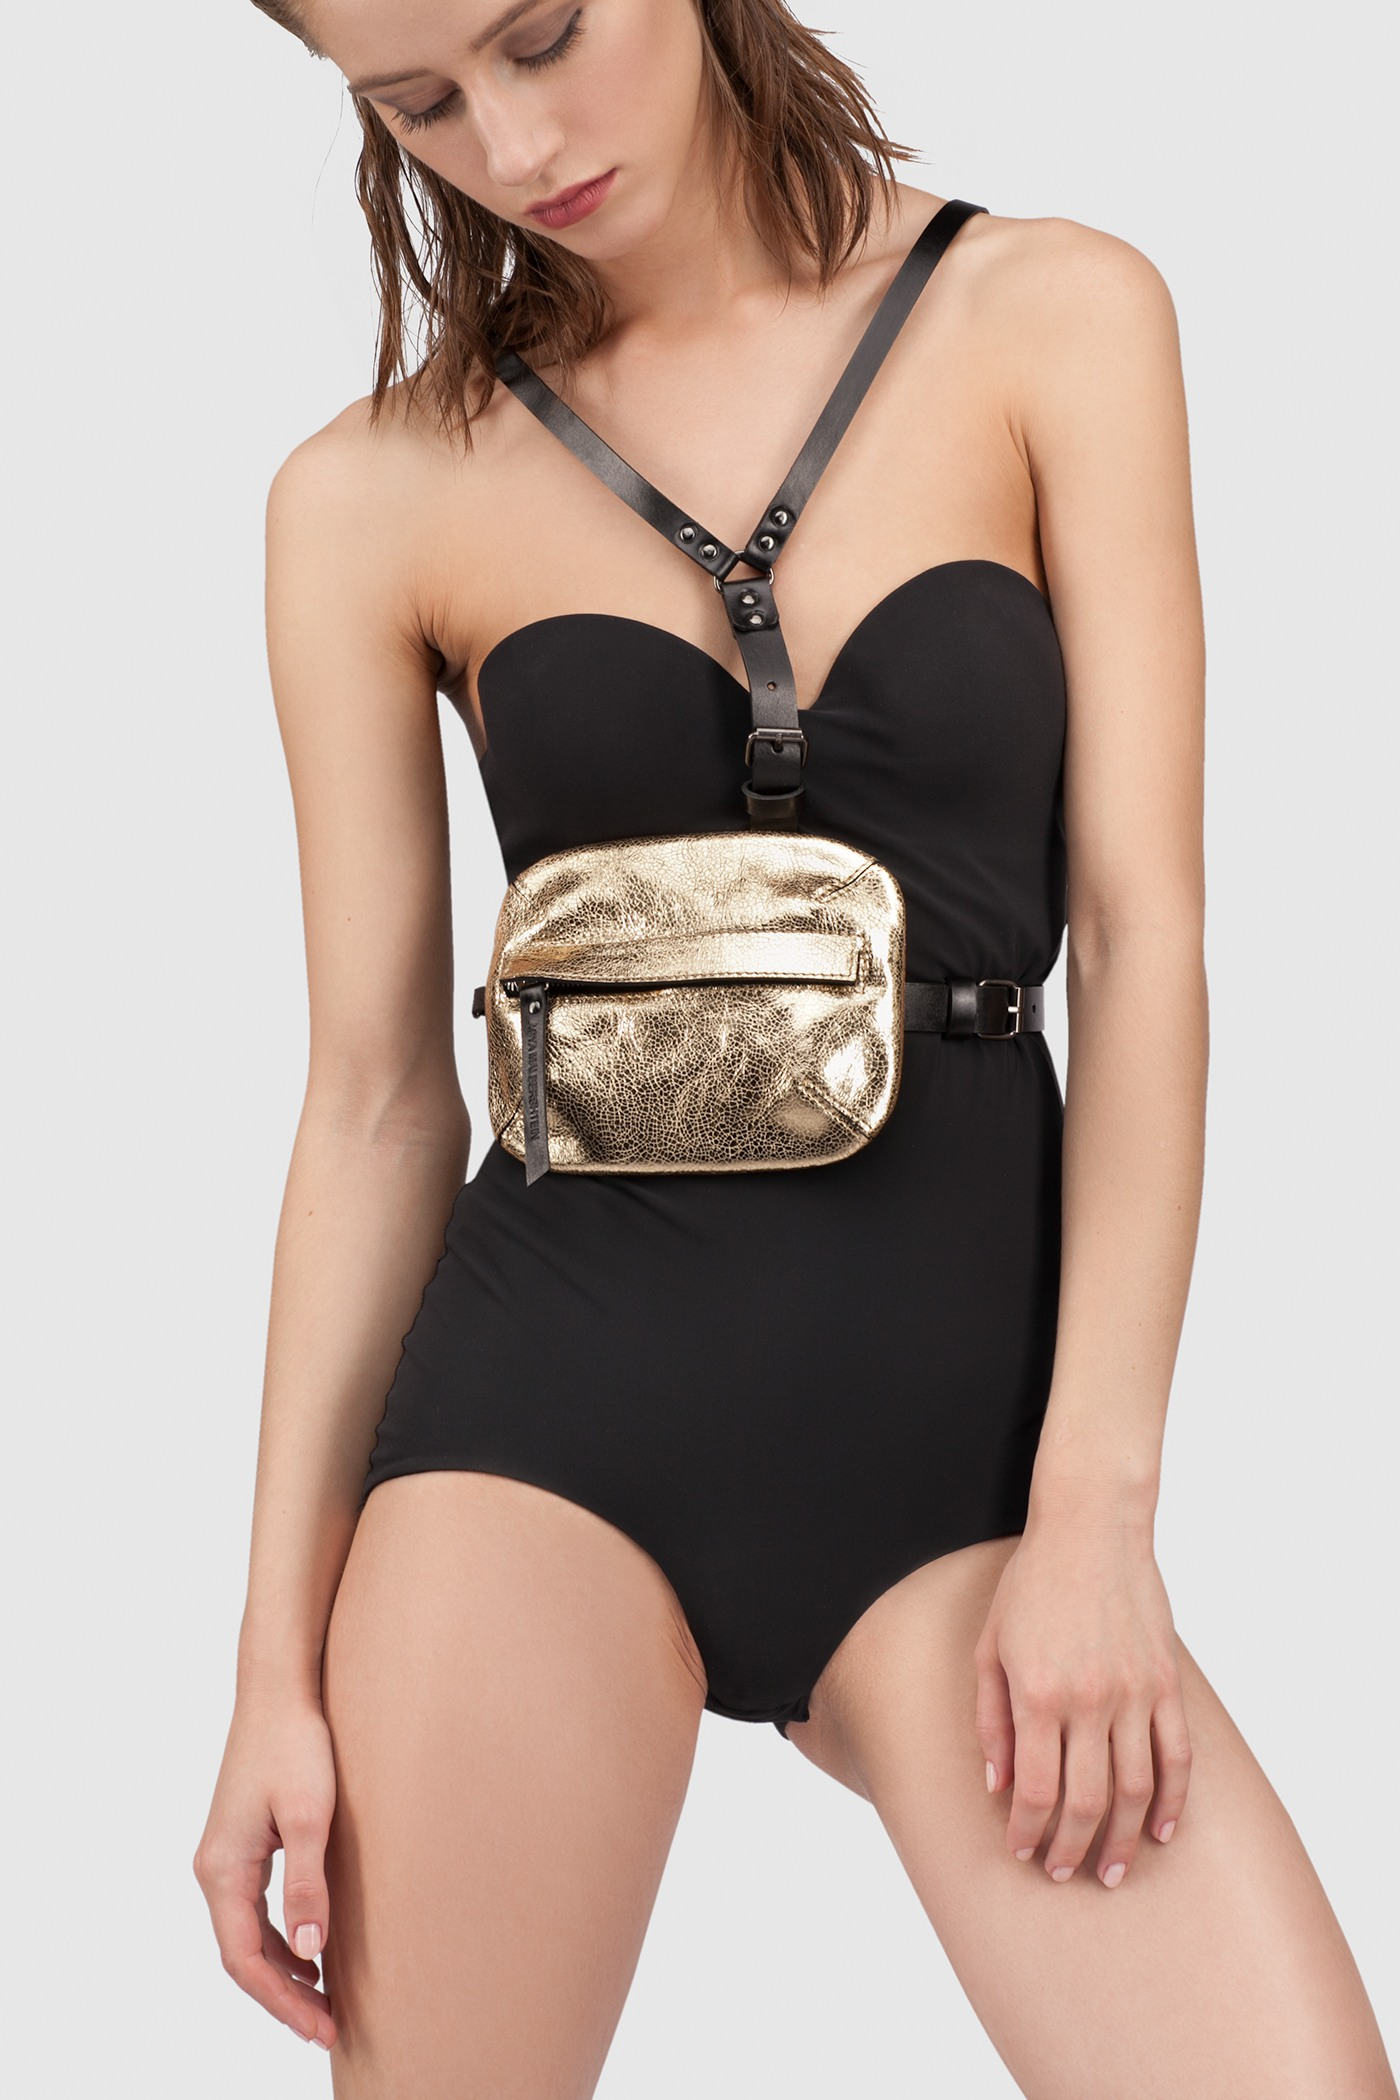 Сумка на поясРемень-бандаж с поясной сумкой на молнии&#13;<br>&#13;<br>&#13;<br>регулируется по росту и объему&#13;<br>&#13;<br>верхнюю часть бандажа можно снять носить изделие как сумку на поясе или на талии/бедрах&#13;<br>&#13;<br>сумку можно носить как клатч, в комплект входит ремешок для запястья<br><br>Цвет: Серебро, Черный